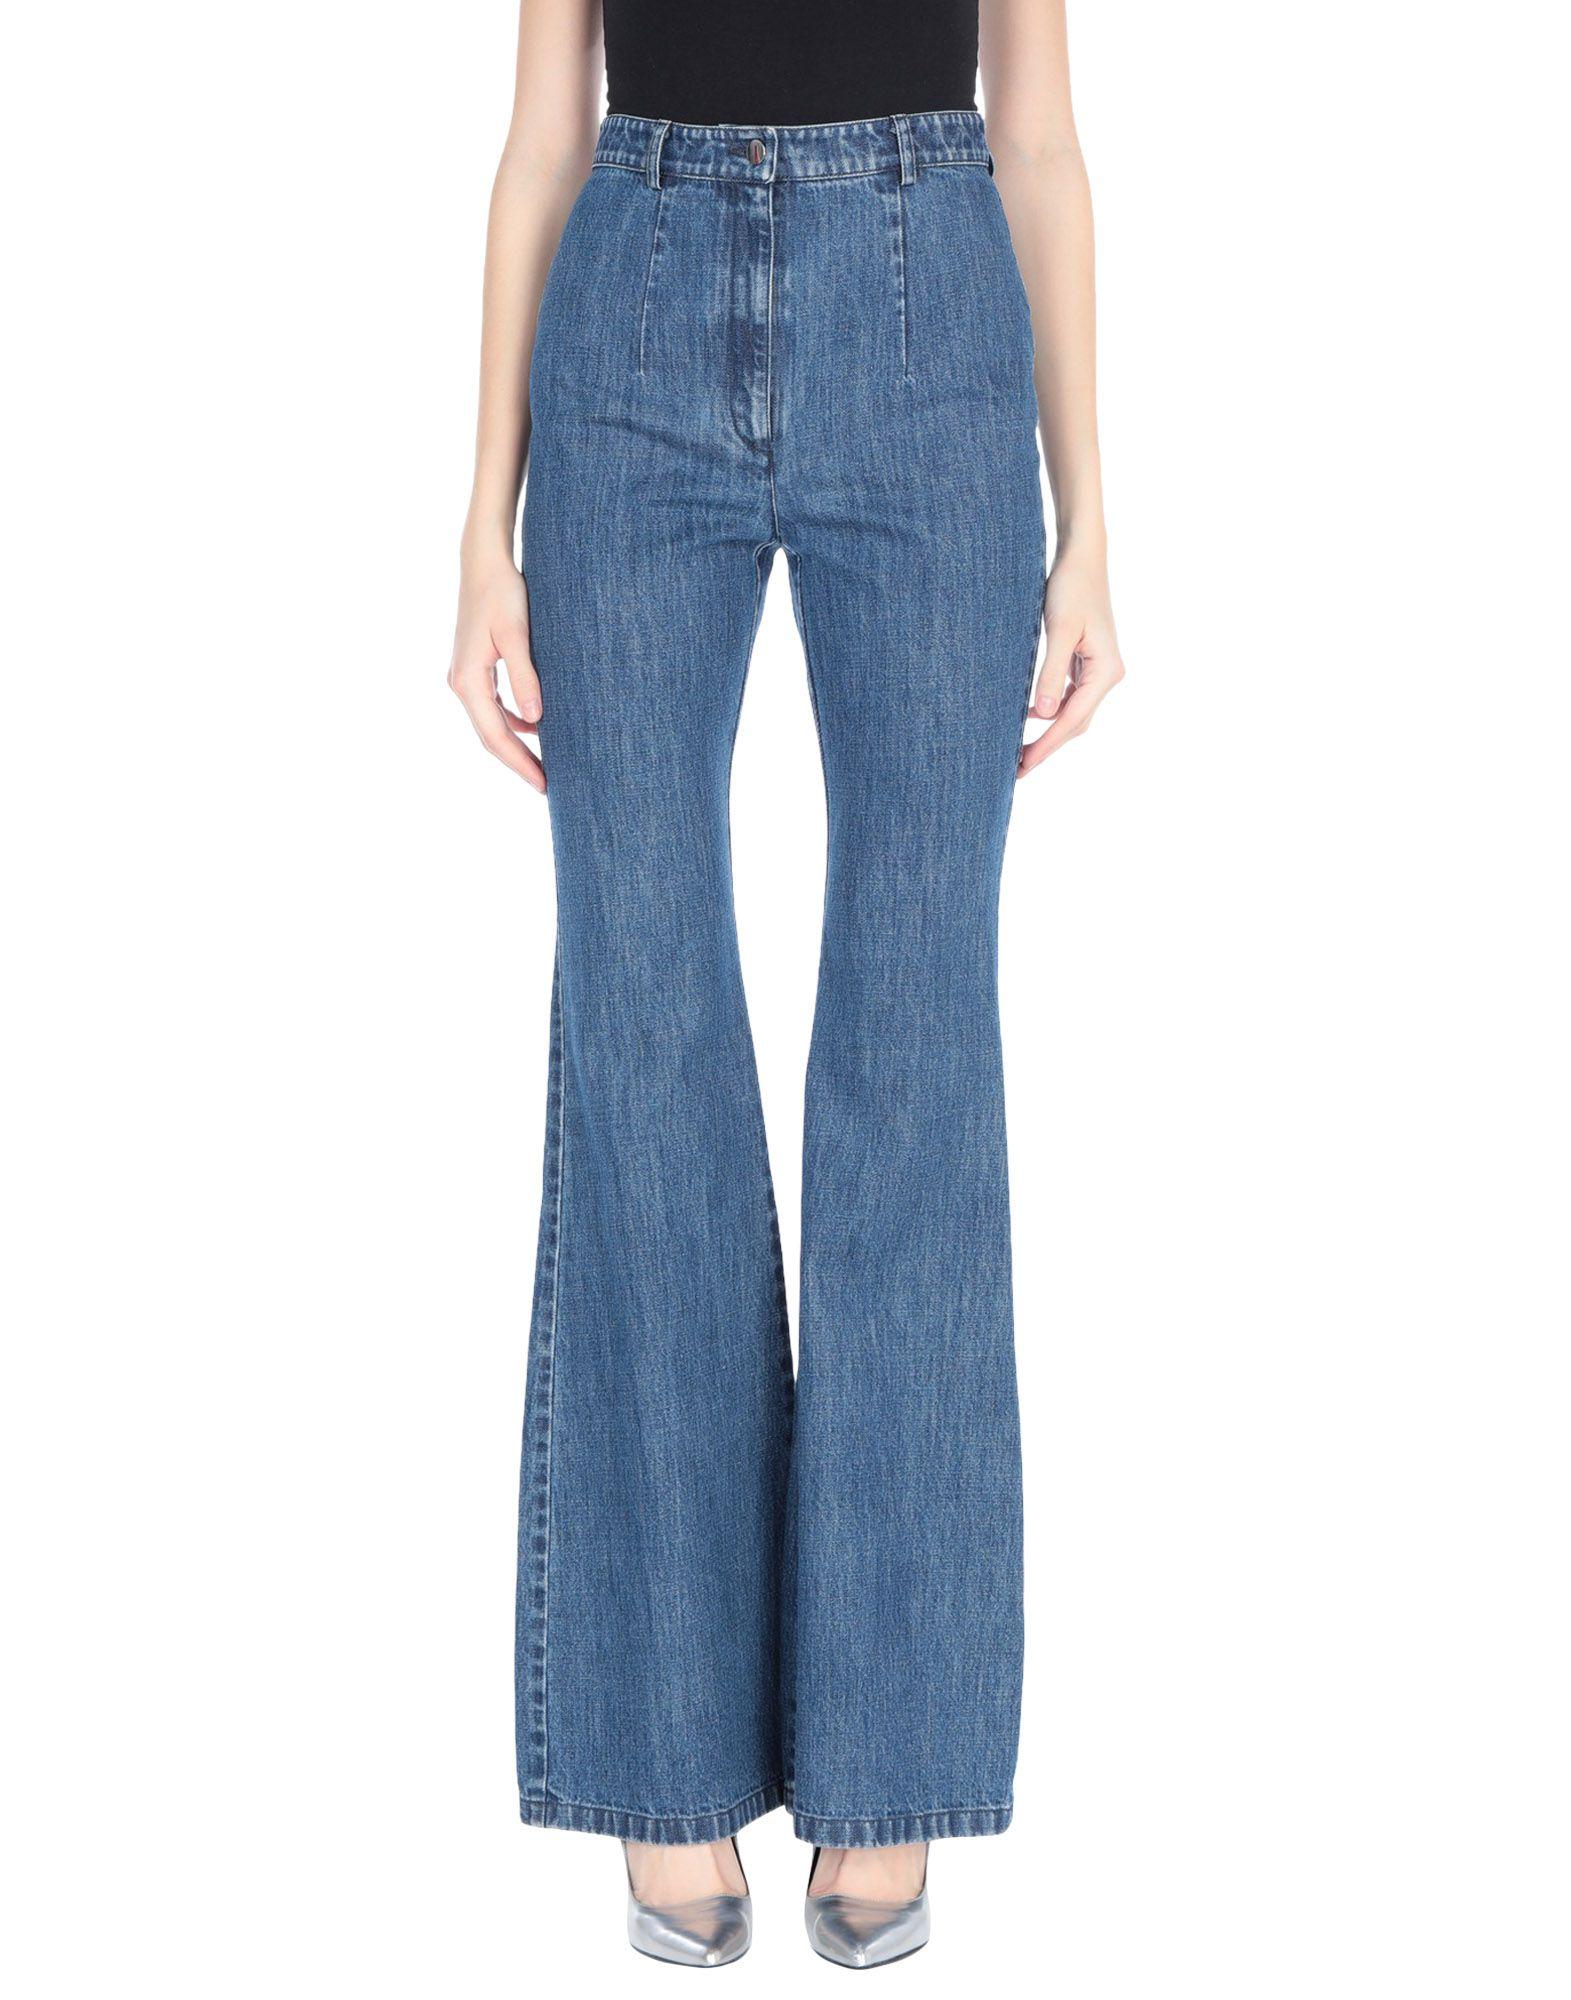 MICHAEL KORS COLLECTION Джинсовые брюки brock collection джинсовые брюки